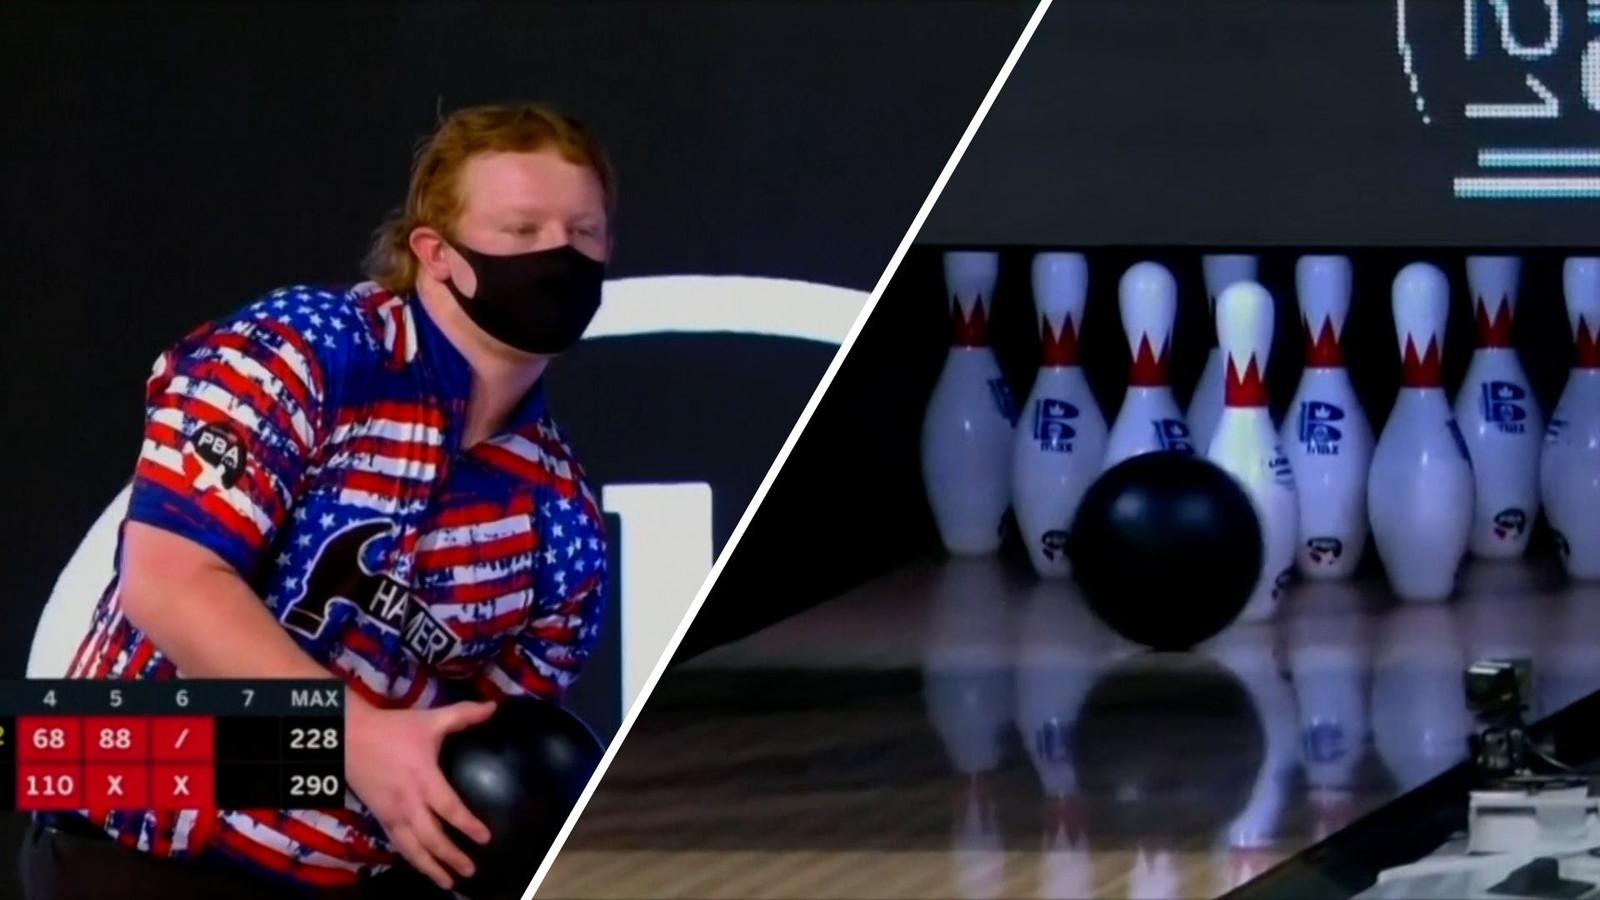 Andy Neuer op weg naar zijn unieke bowlingprestatie.